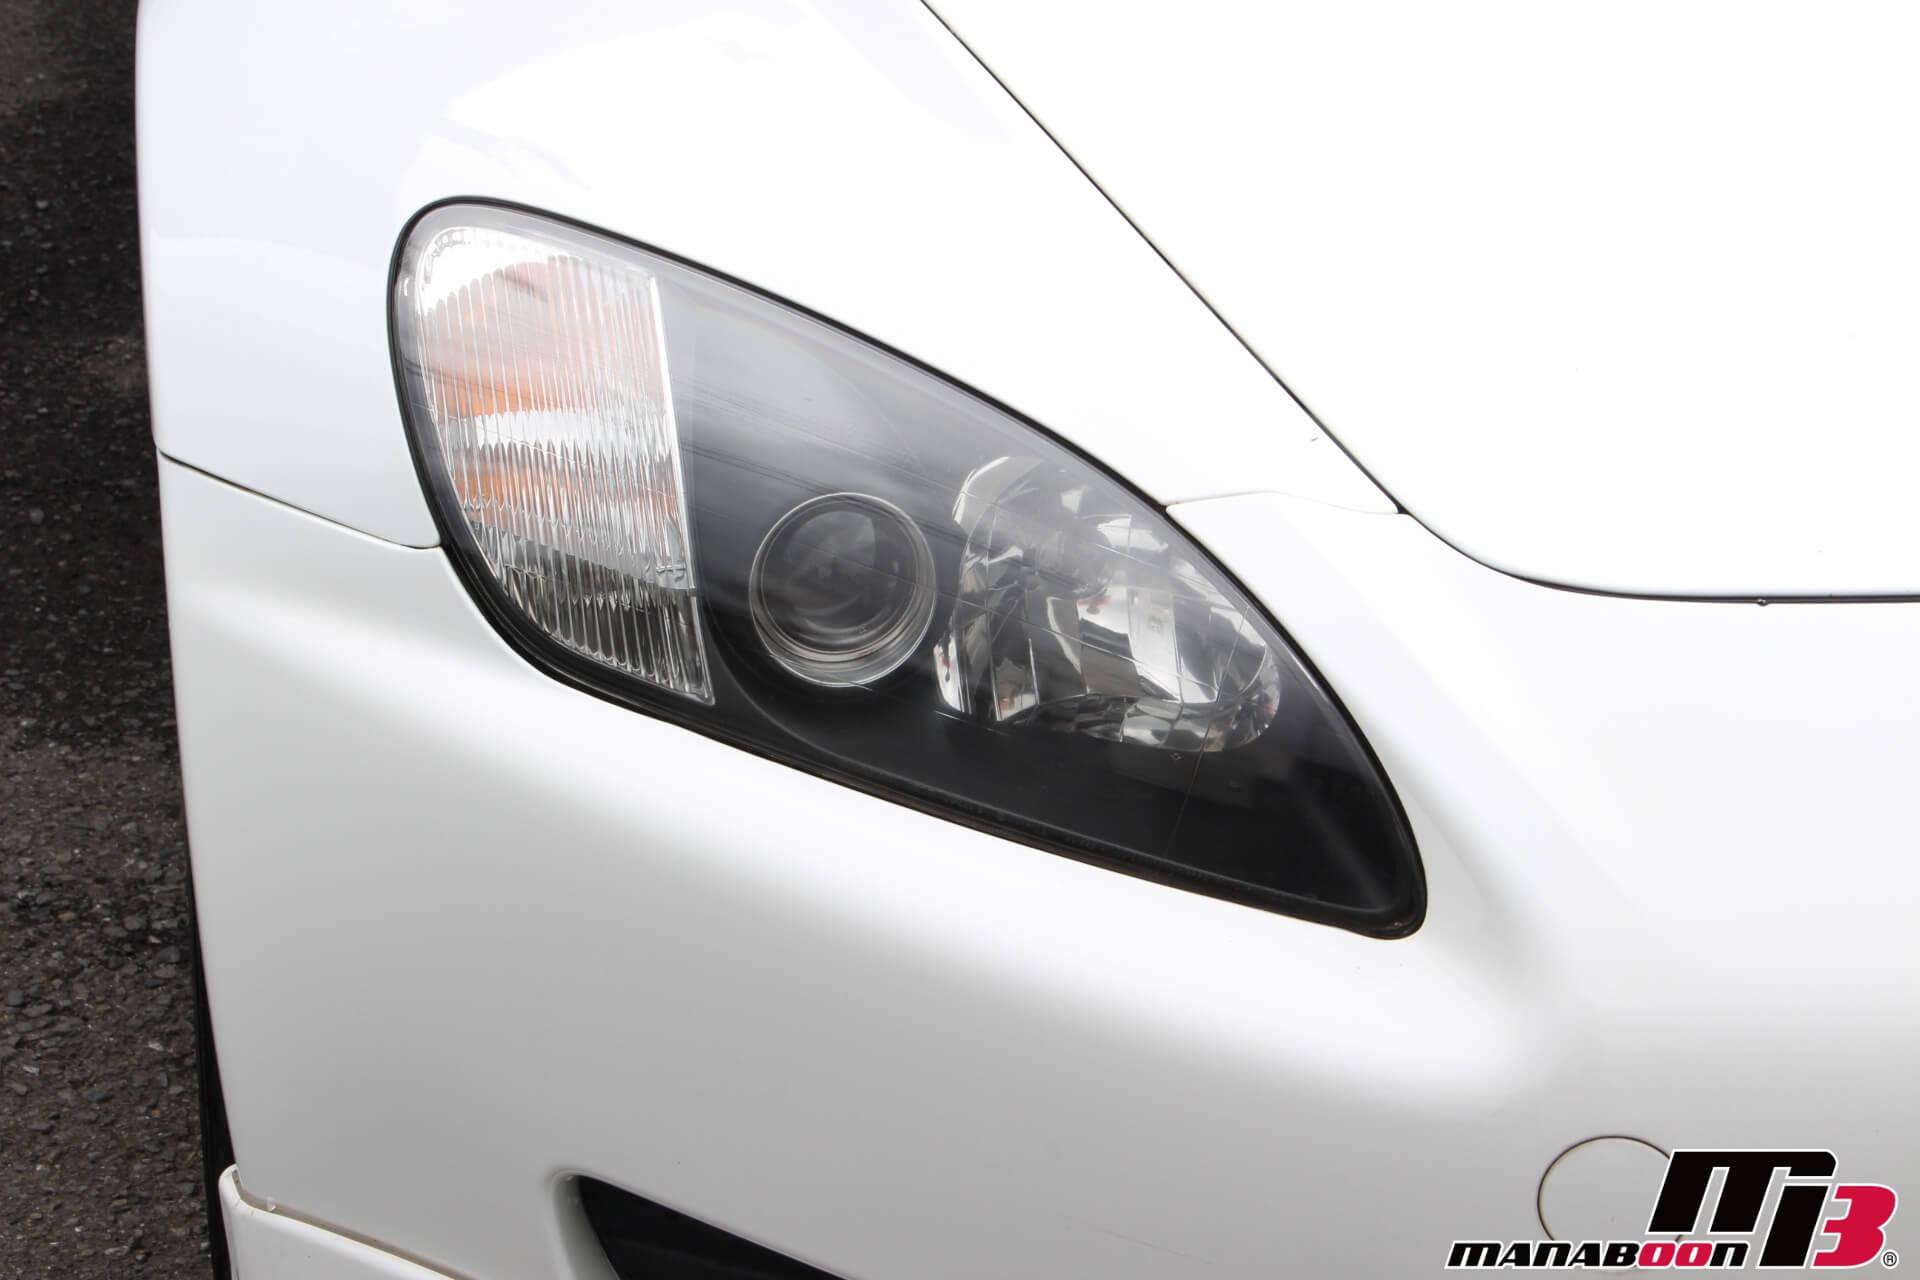 S2000ヘッドライト画像